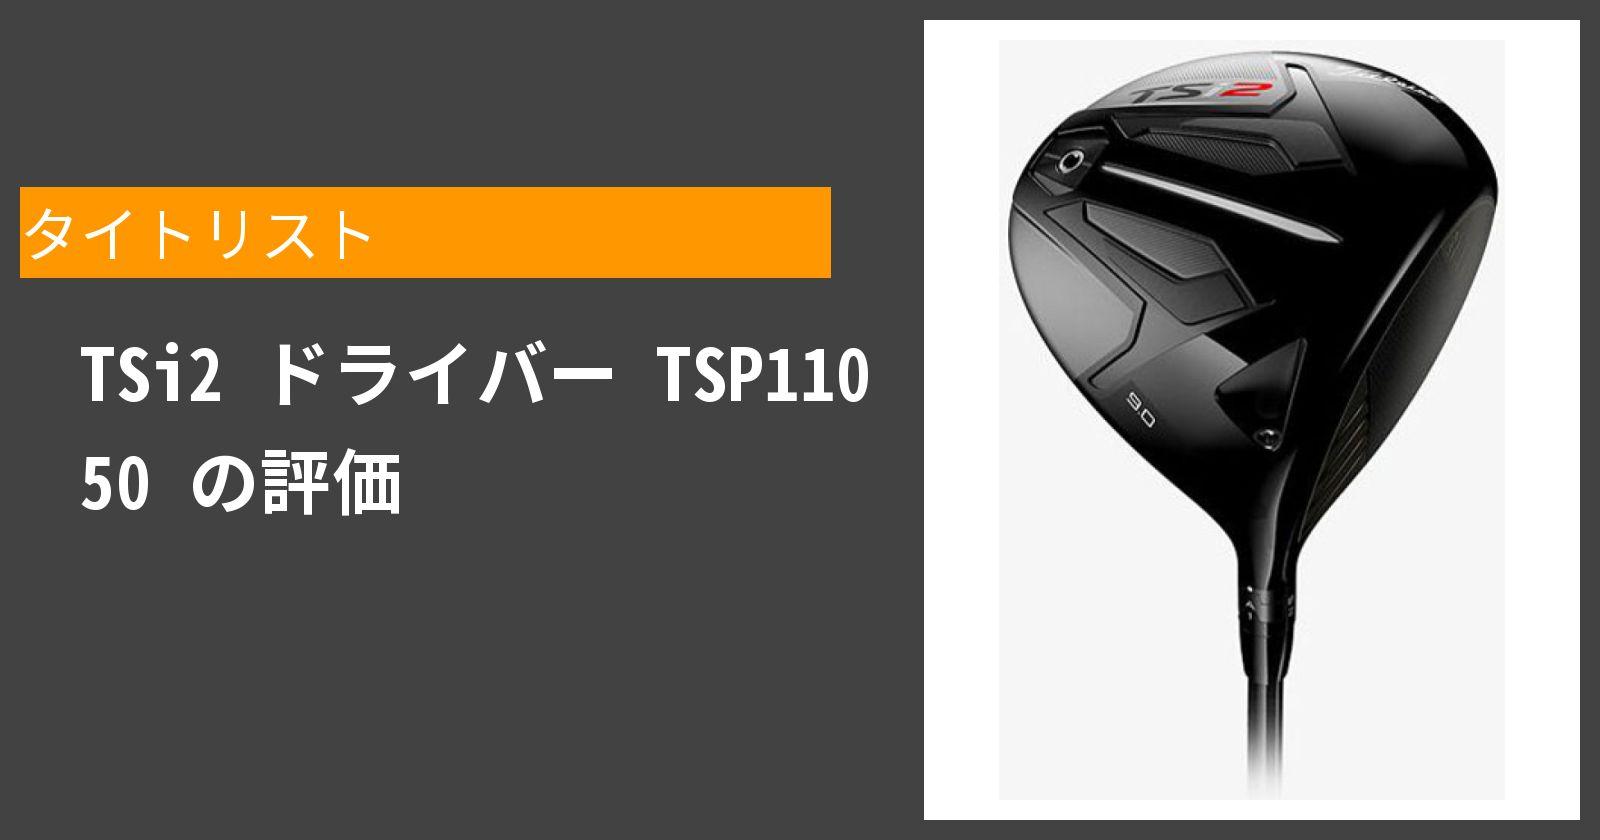 TSi2 ドライバー TSP110 50を徹底評価